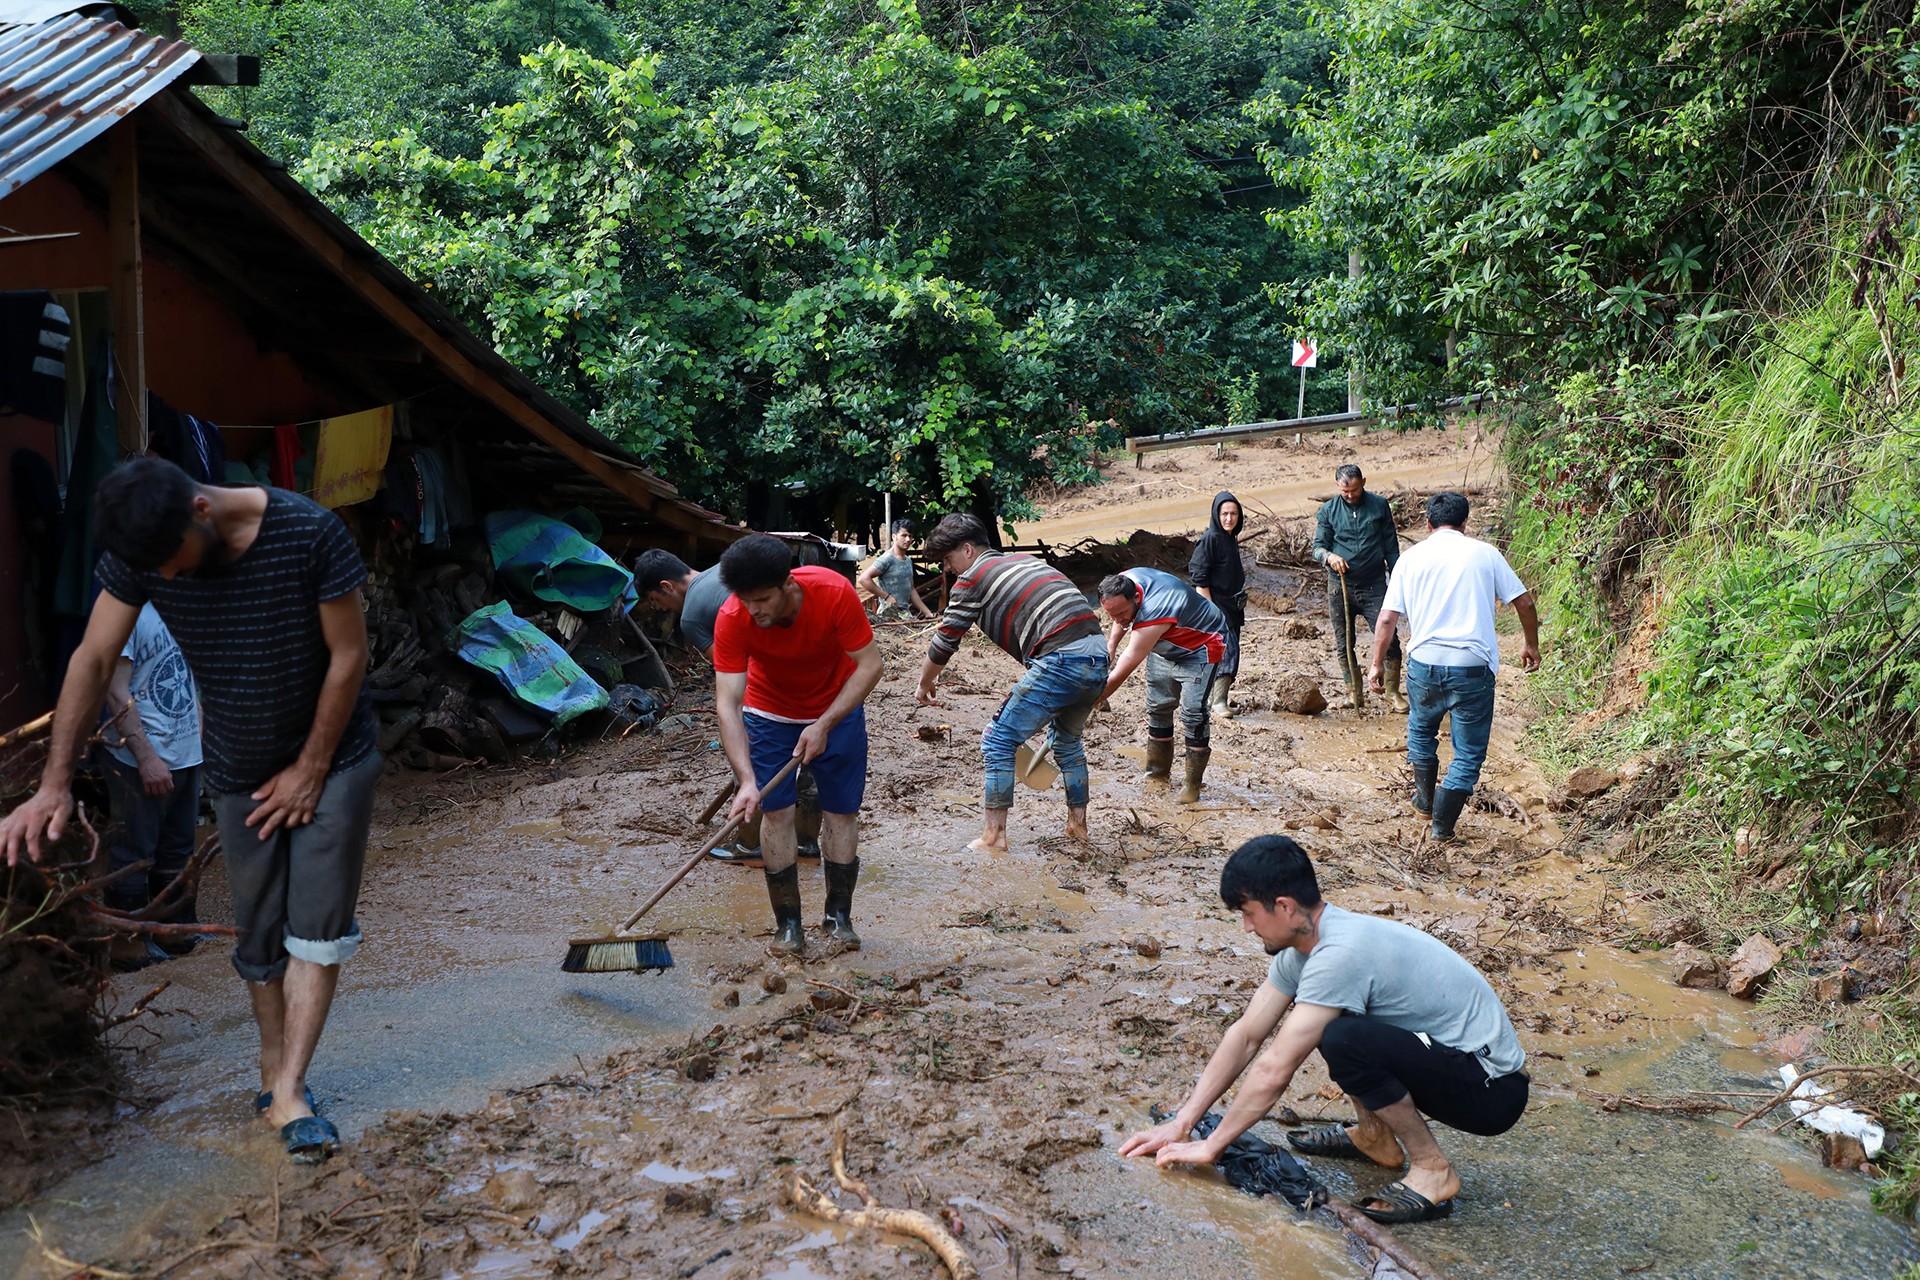 Rize'de yaşanan sel felaketinde sokaktaki çamuru temizlemeye çalışan insanlar.